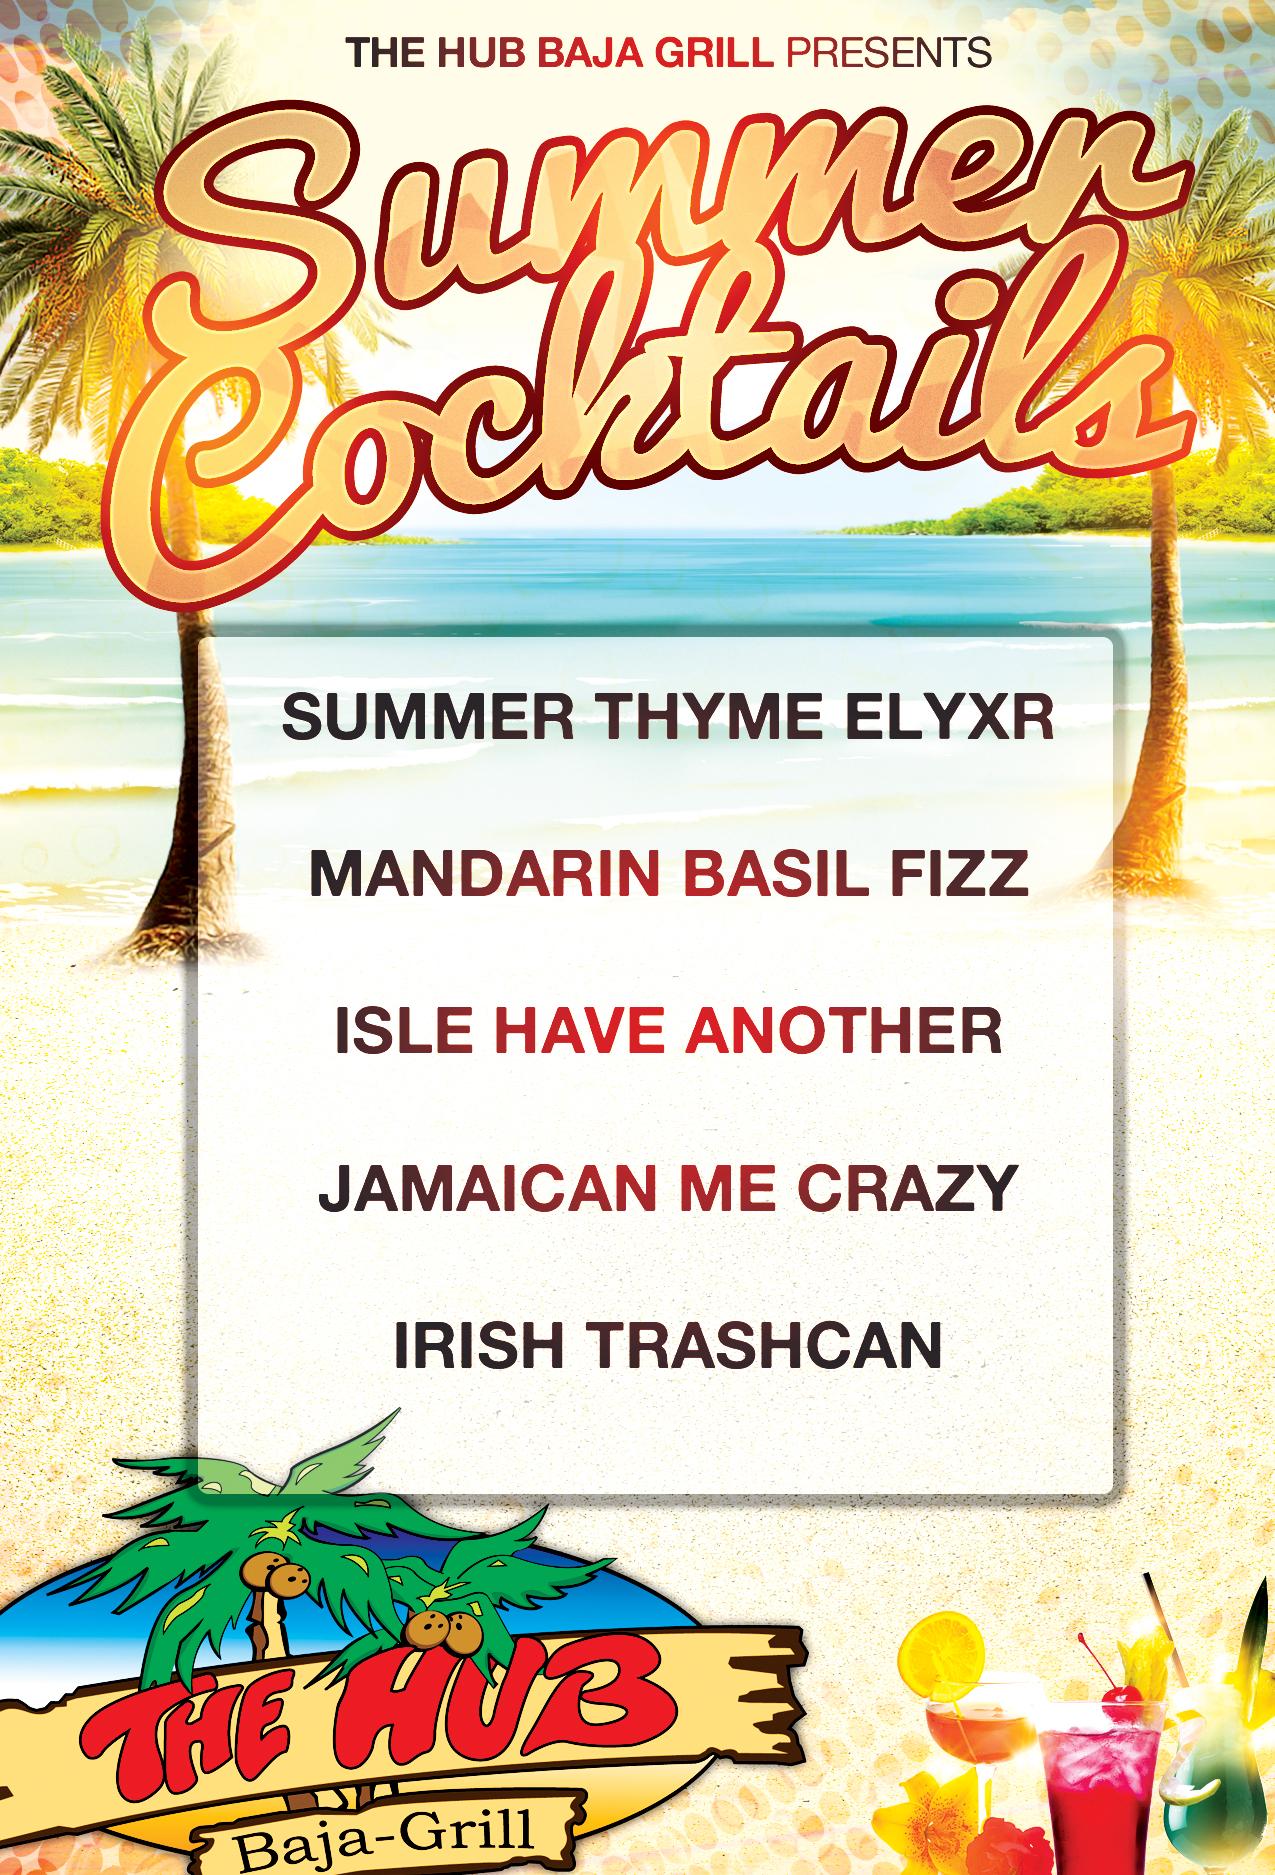 Summer_Cocktails_web